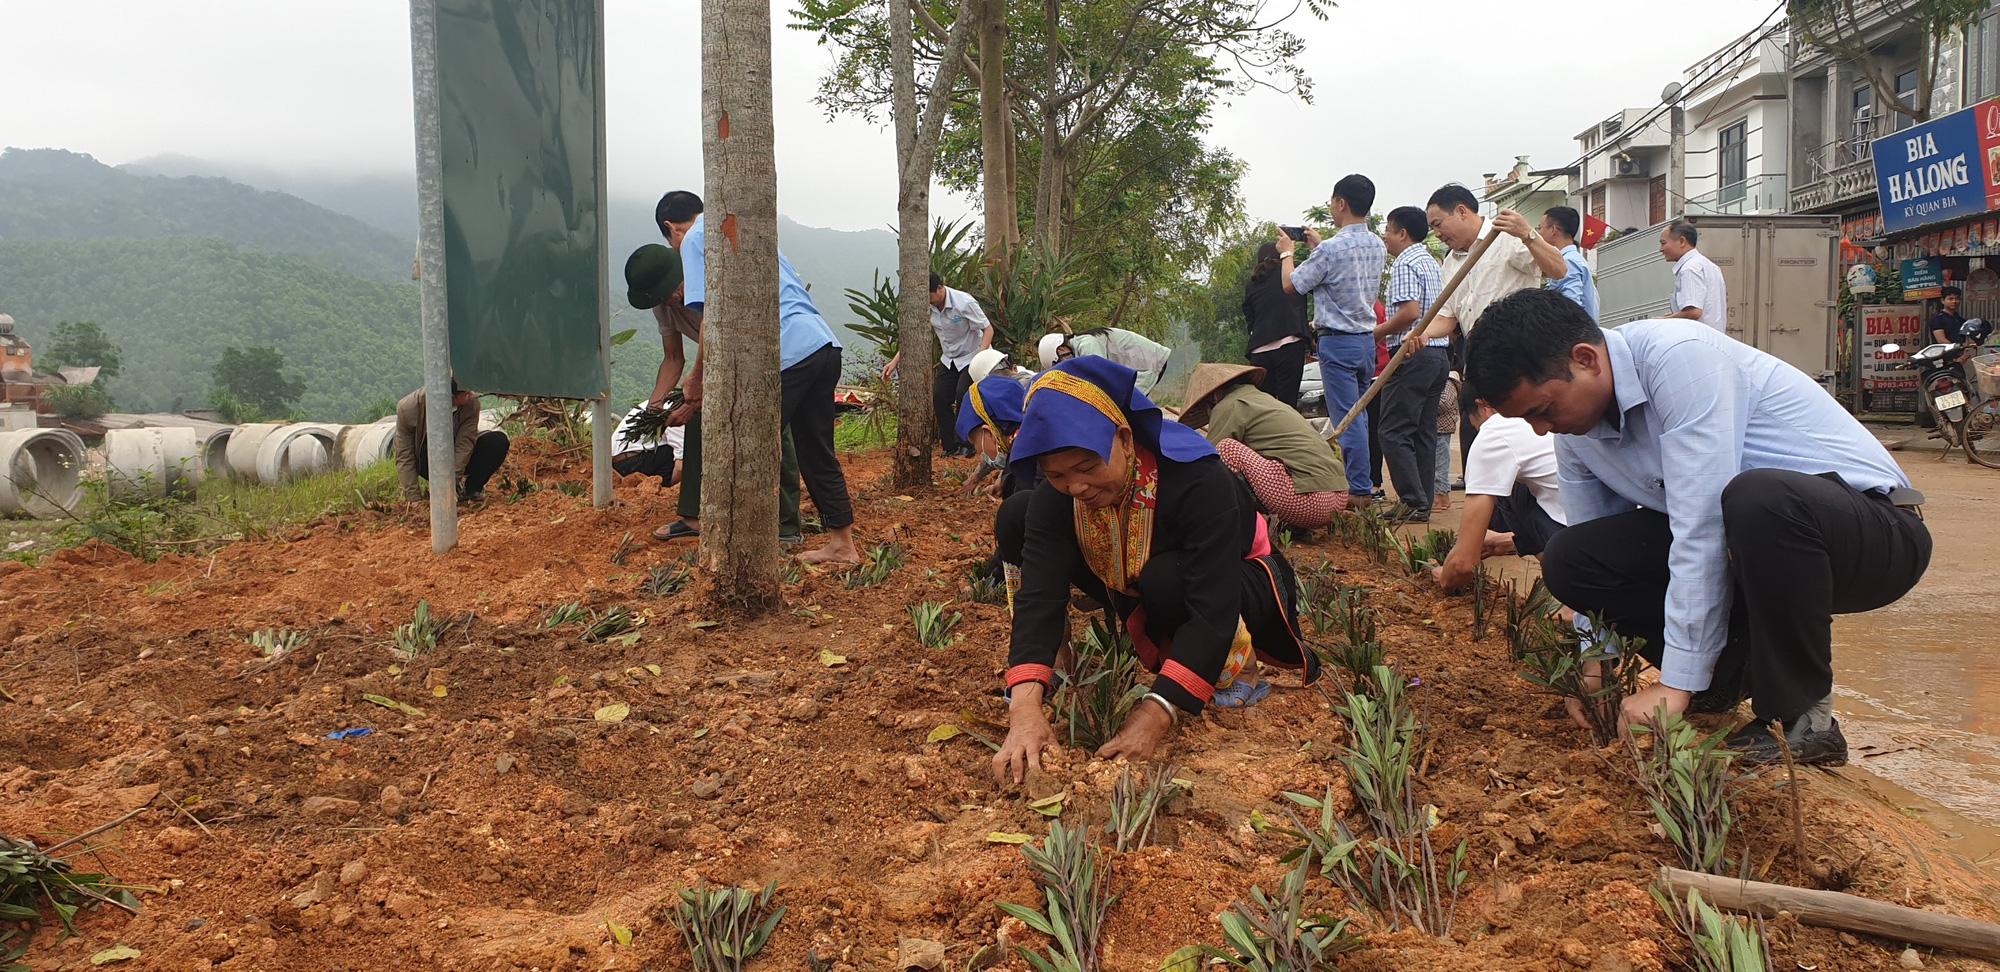 Hội Nông dân tỉnh Quảng Ninh chung tay giúp Đồn Đạc xây dựng nông thôn mới - Ảnh 3.